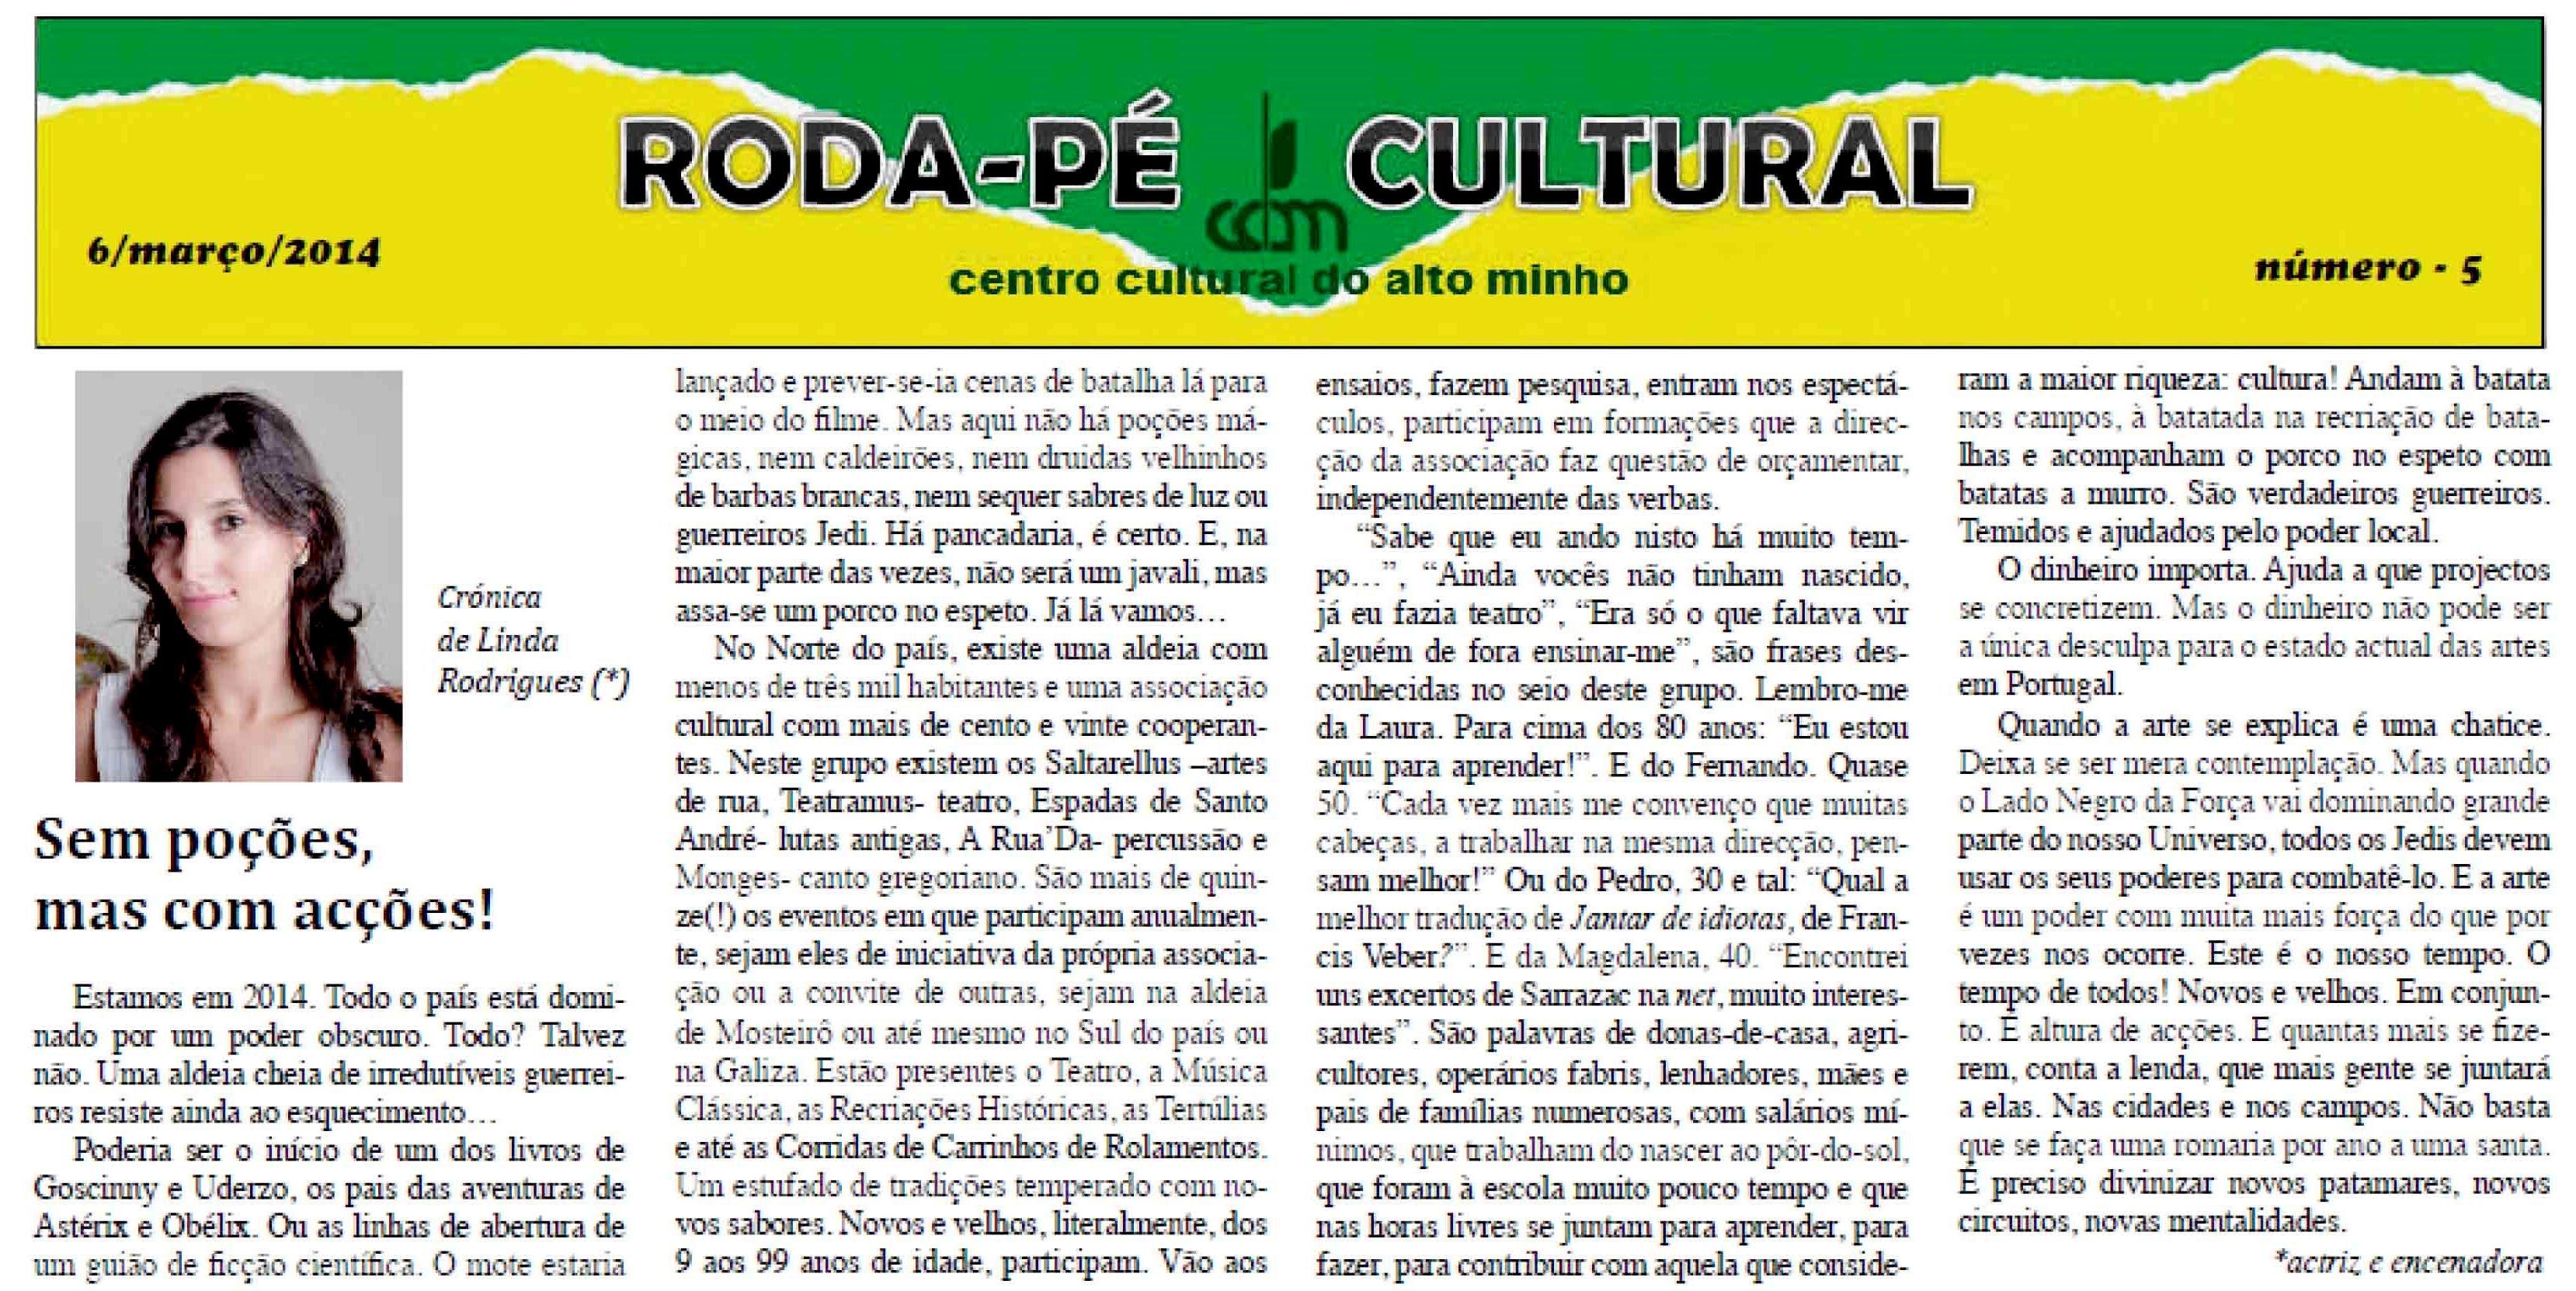 https://sites.google.com/a/centroculturaldoaltominho.org/ccam/actividades-realizadas/2014/RPC_5_SemPo%C3%A7%C3%B5es_LR.jpg